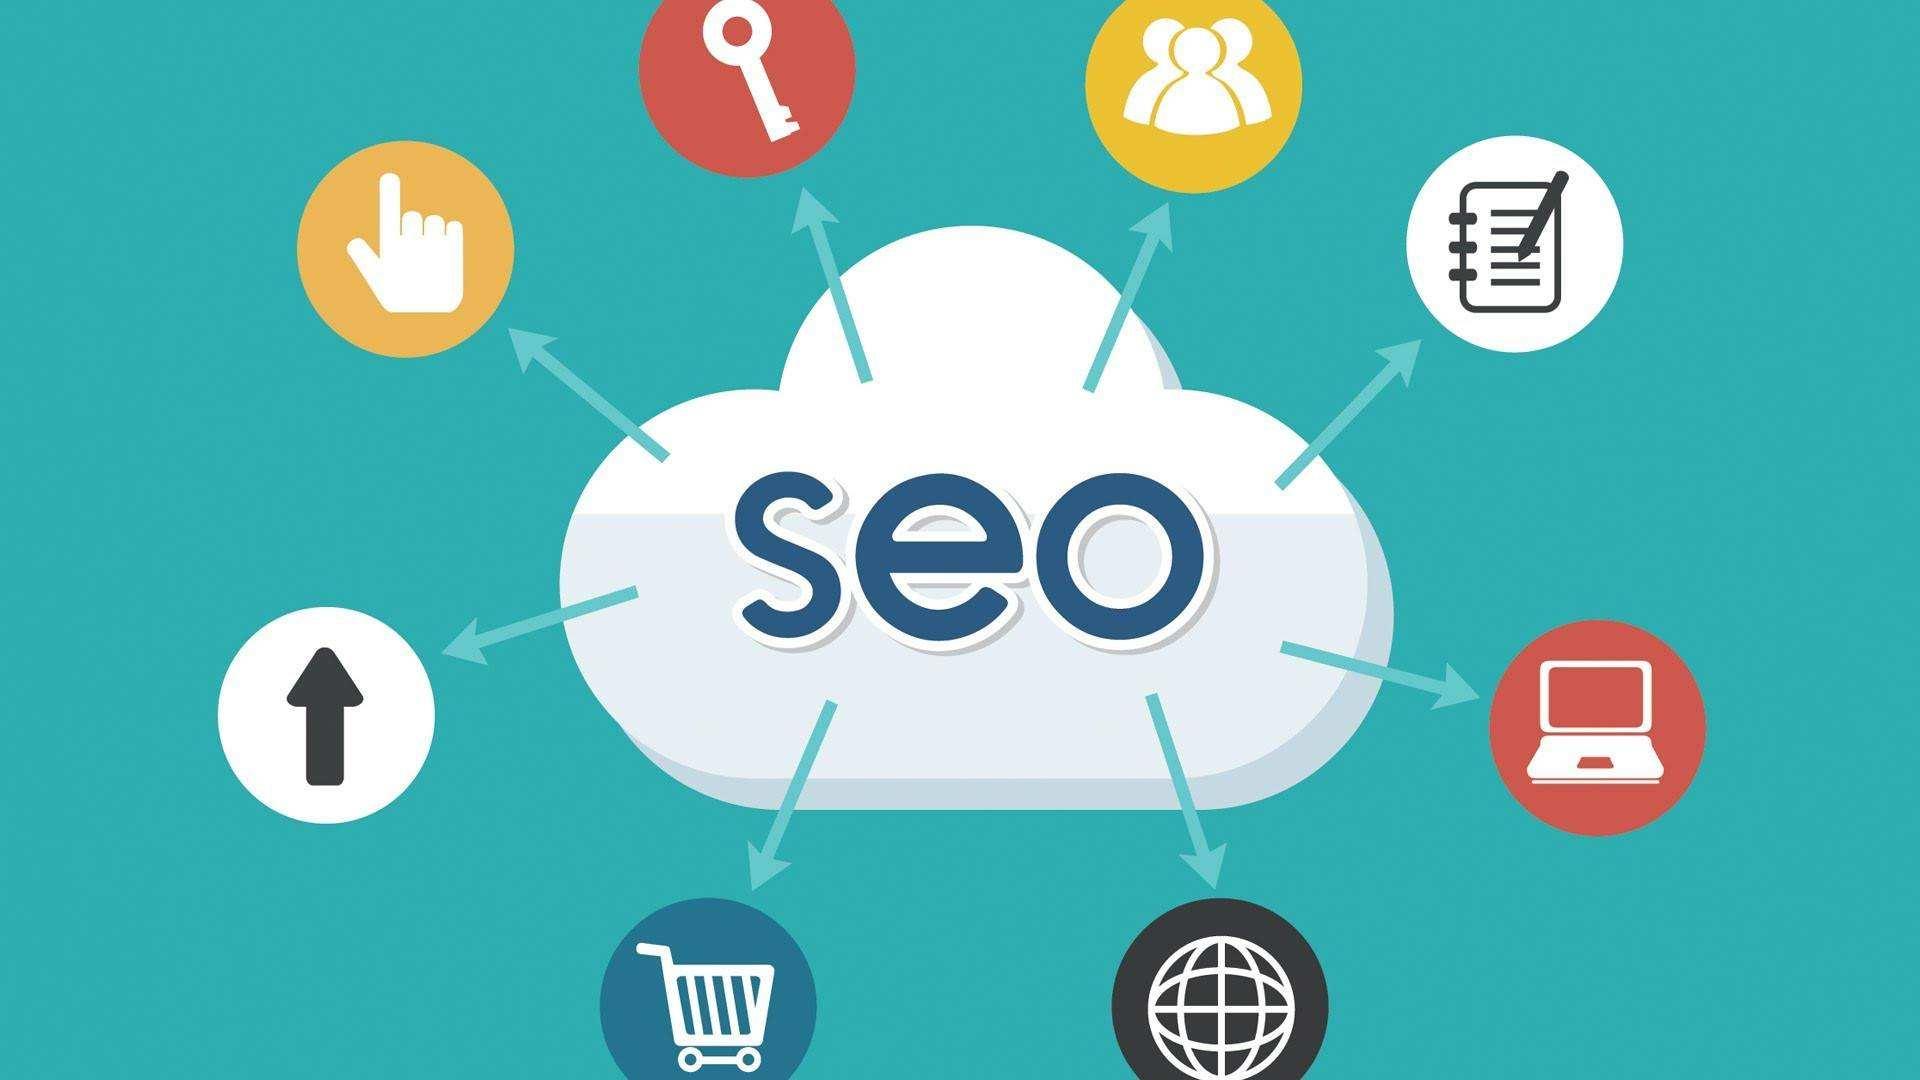 如果想要网站获得好的网站排名,以下6点SEO优化策略很重要!